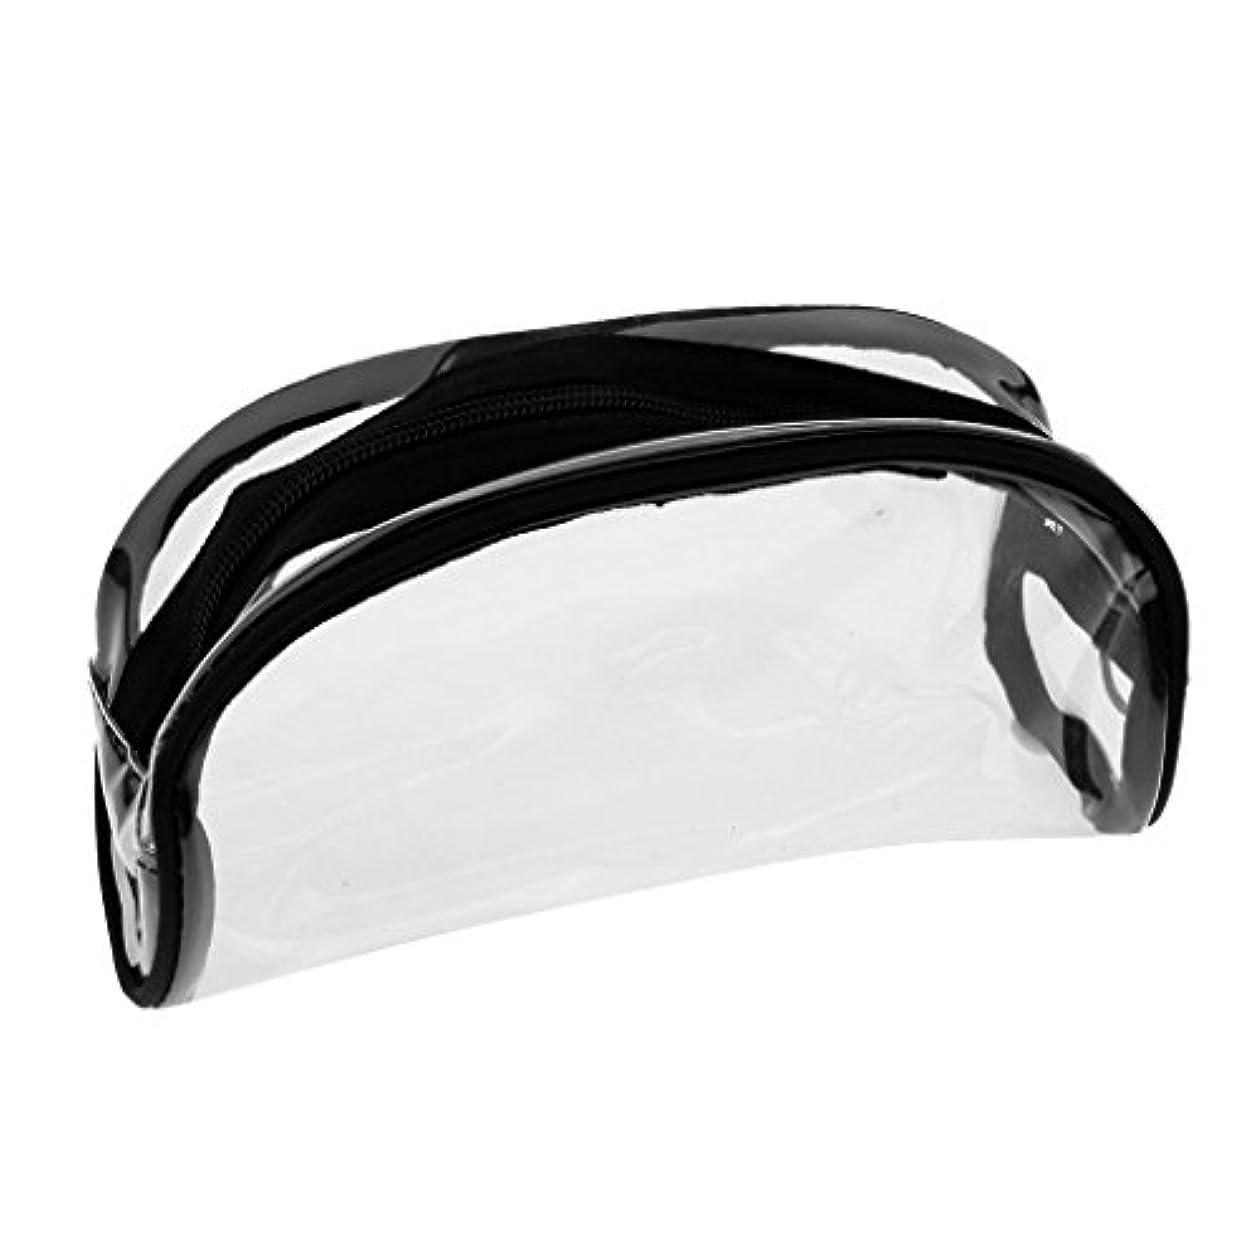 任命する降下流行Kesoto メイクバッグ 化粧ポーチ PVC クリア コスメ収納 化粧品 小物入り バッグ ポーチ ジッパーバッグ 全4タイプ - #2